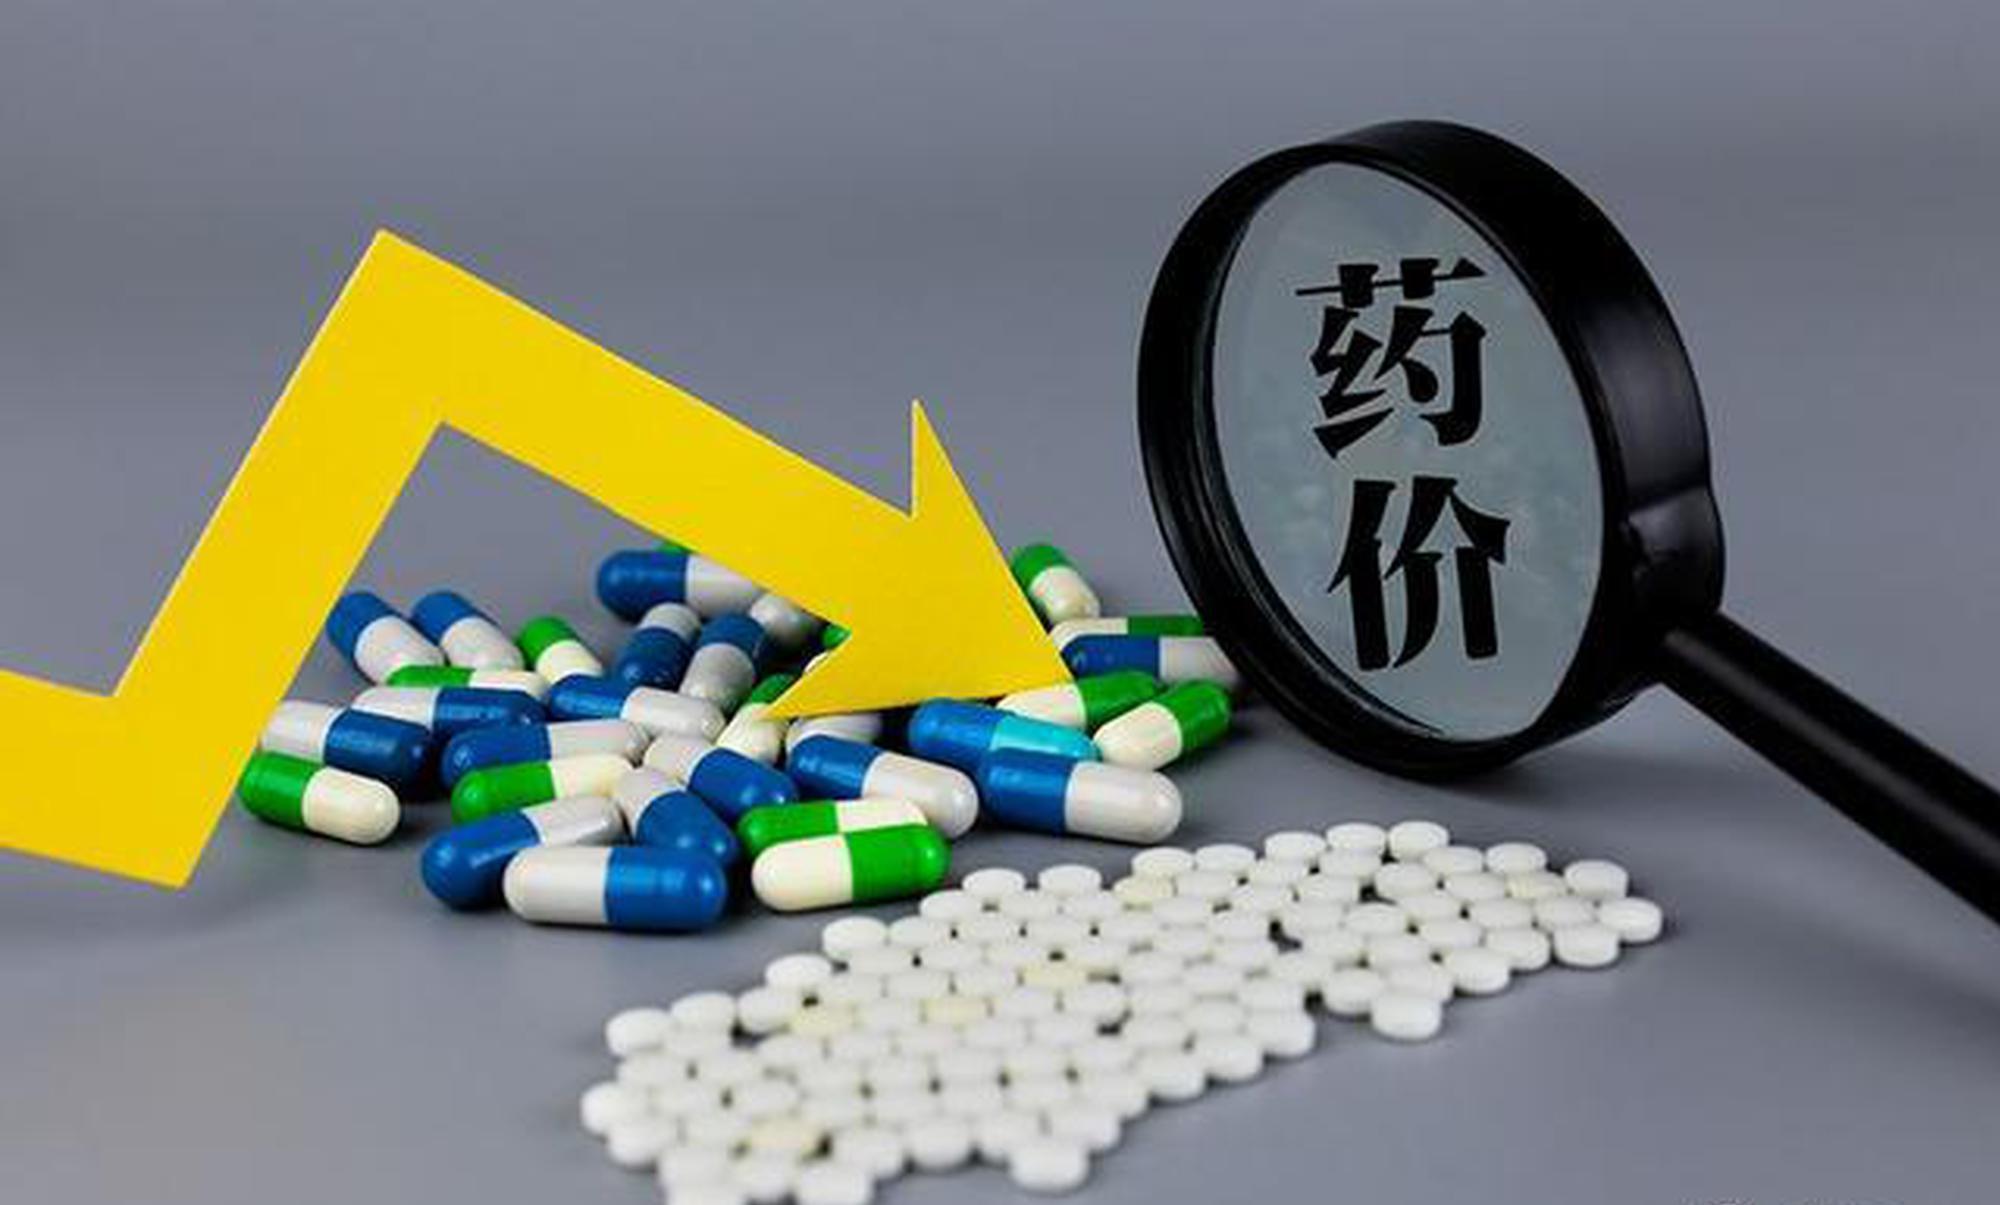 降低用药负担 山西45种药品平均降价52%